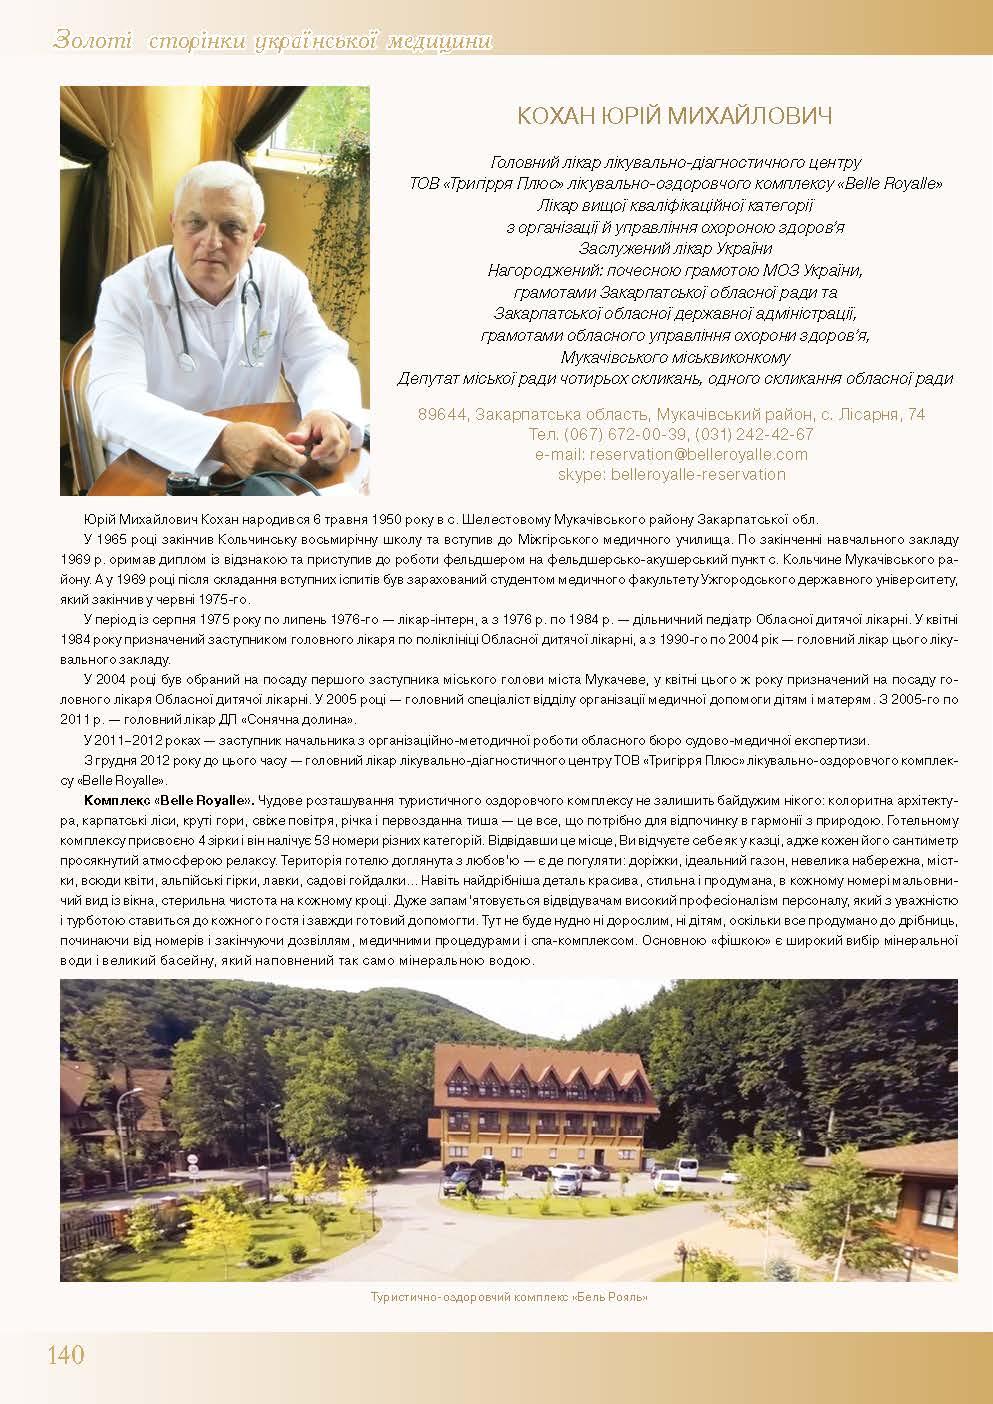 Кохан Юрій Михайлович